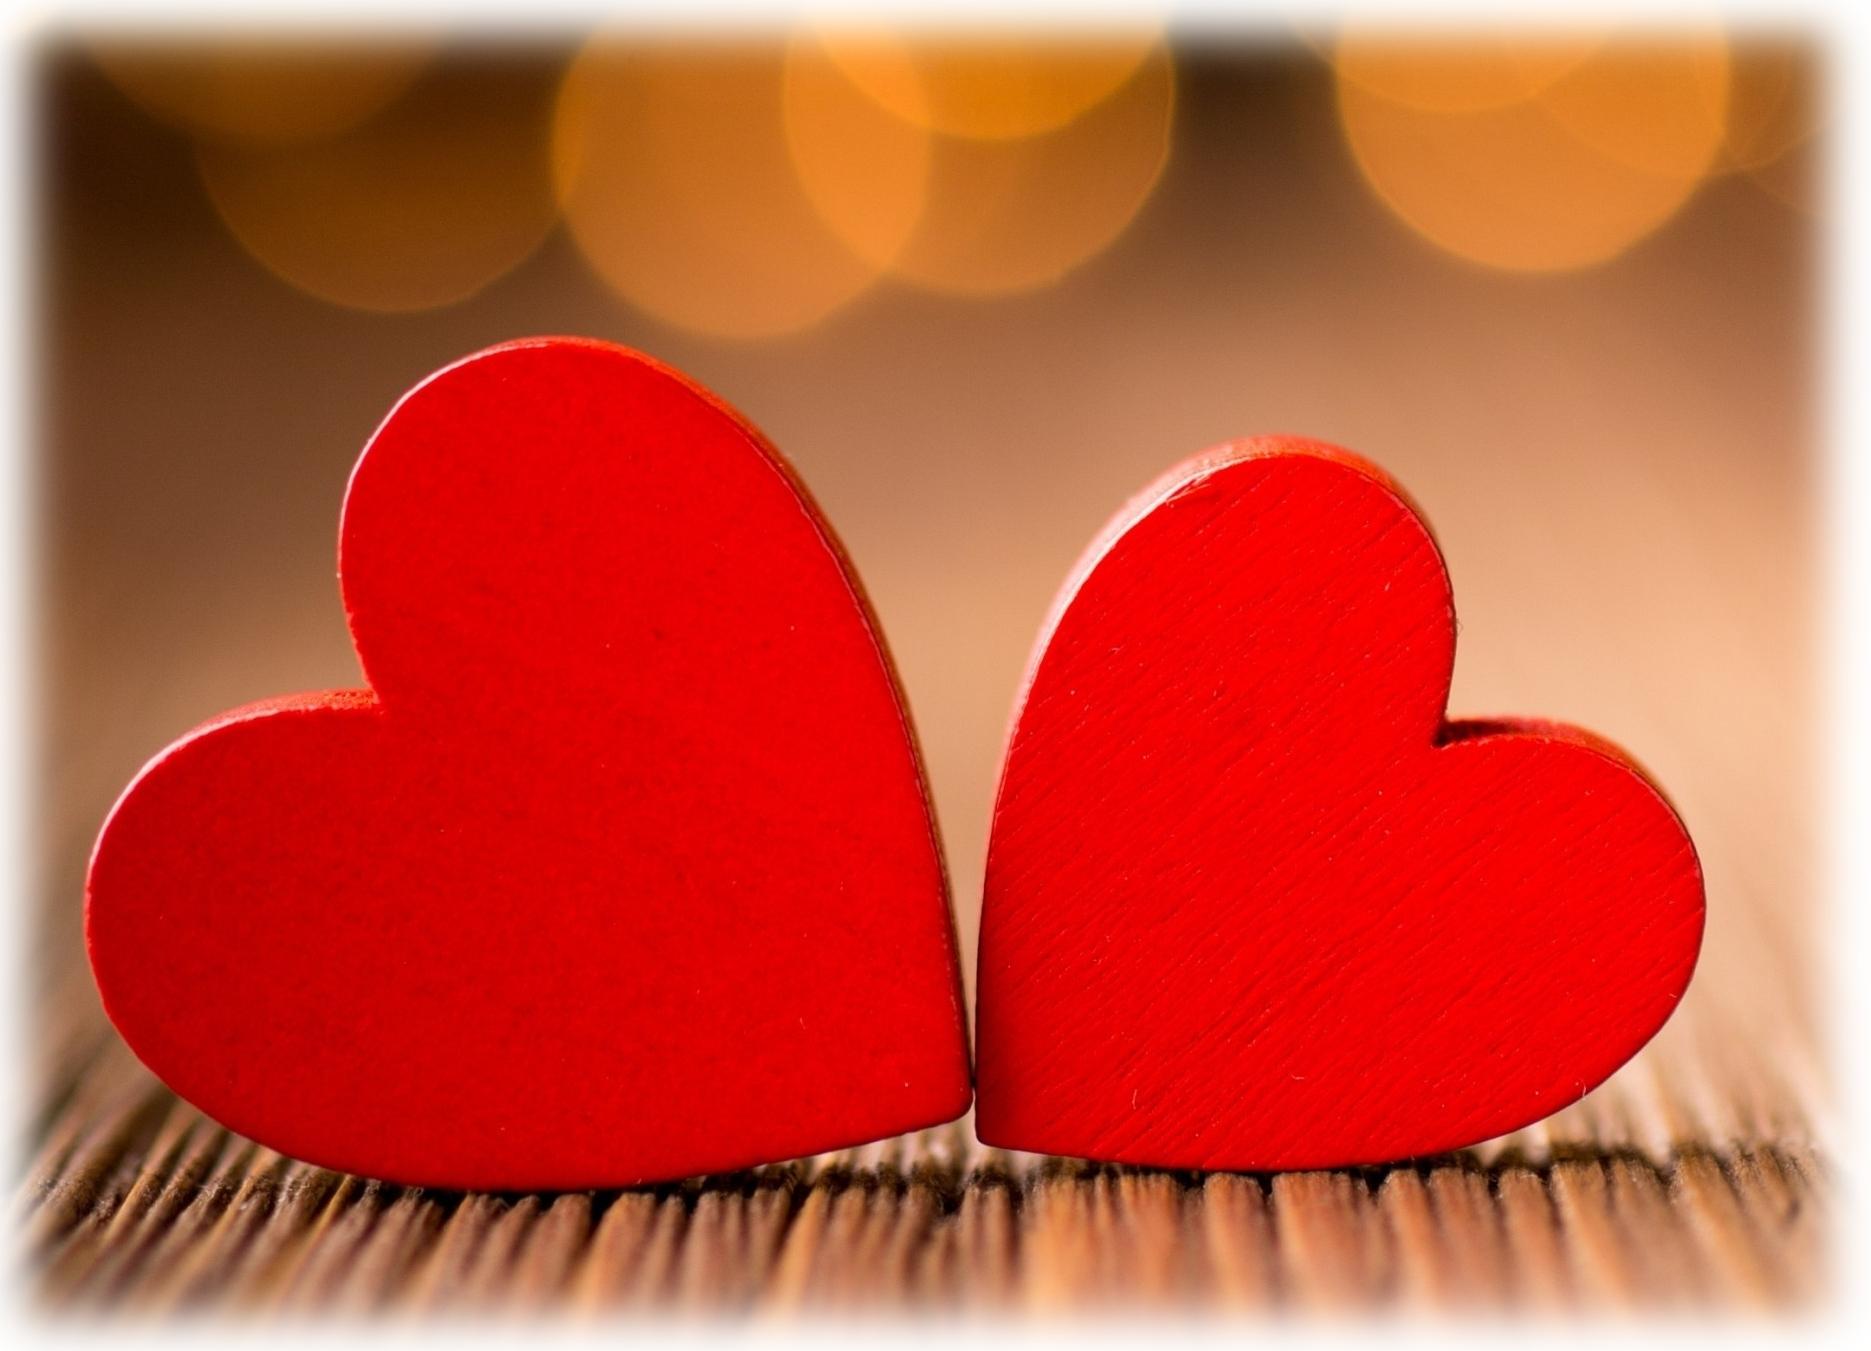 İlişkilerde Mutluluğun Sırrı